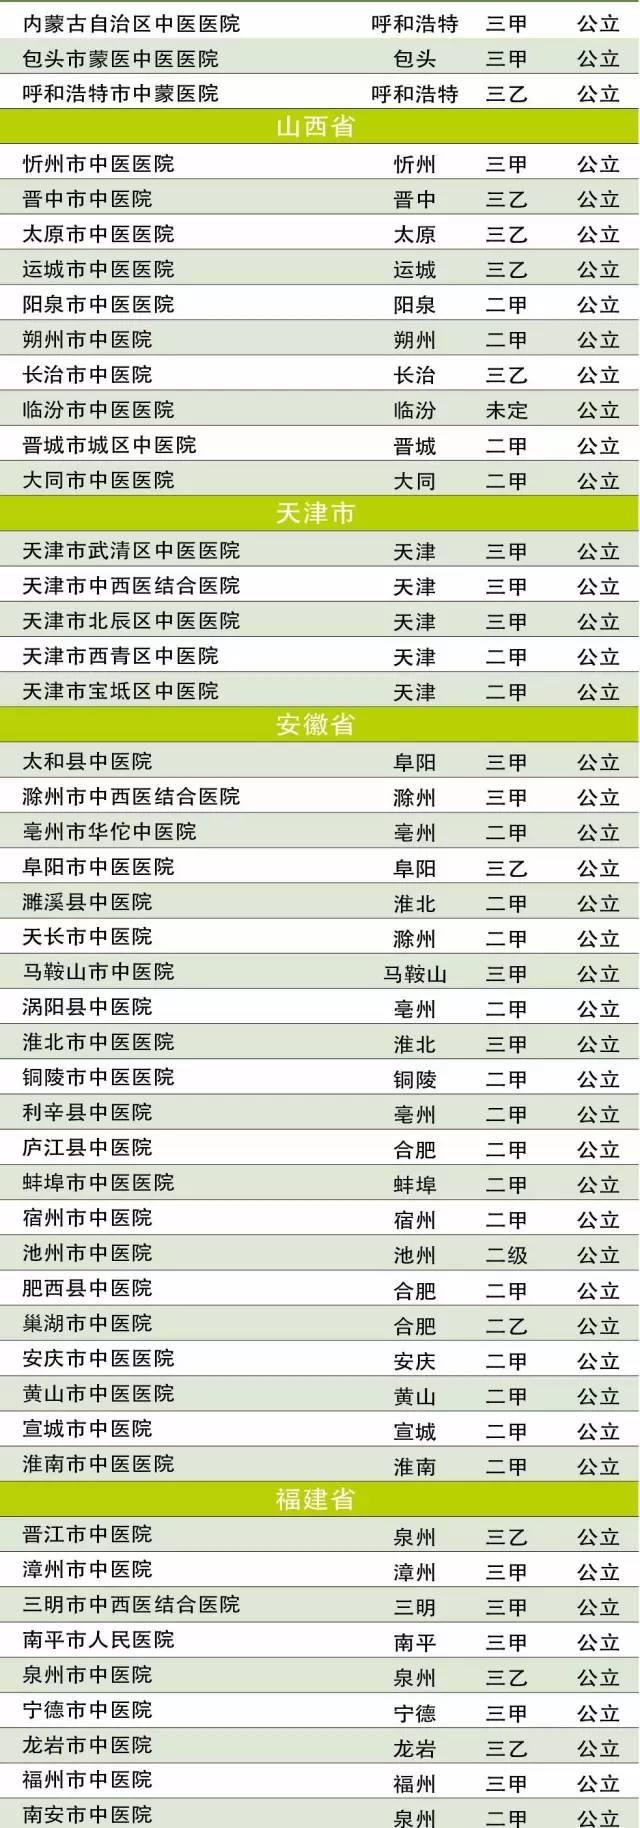 中国中医医院排行榜 全国100强